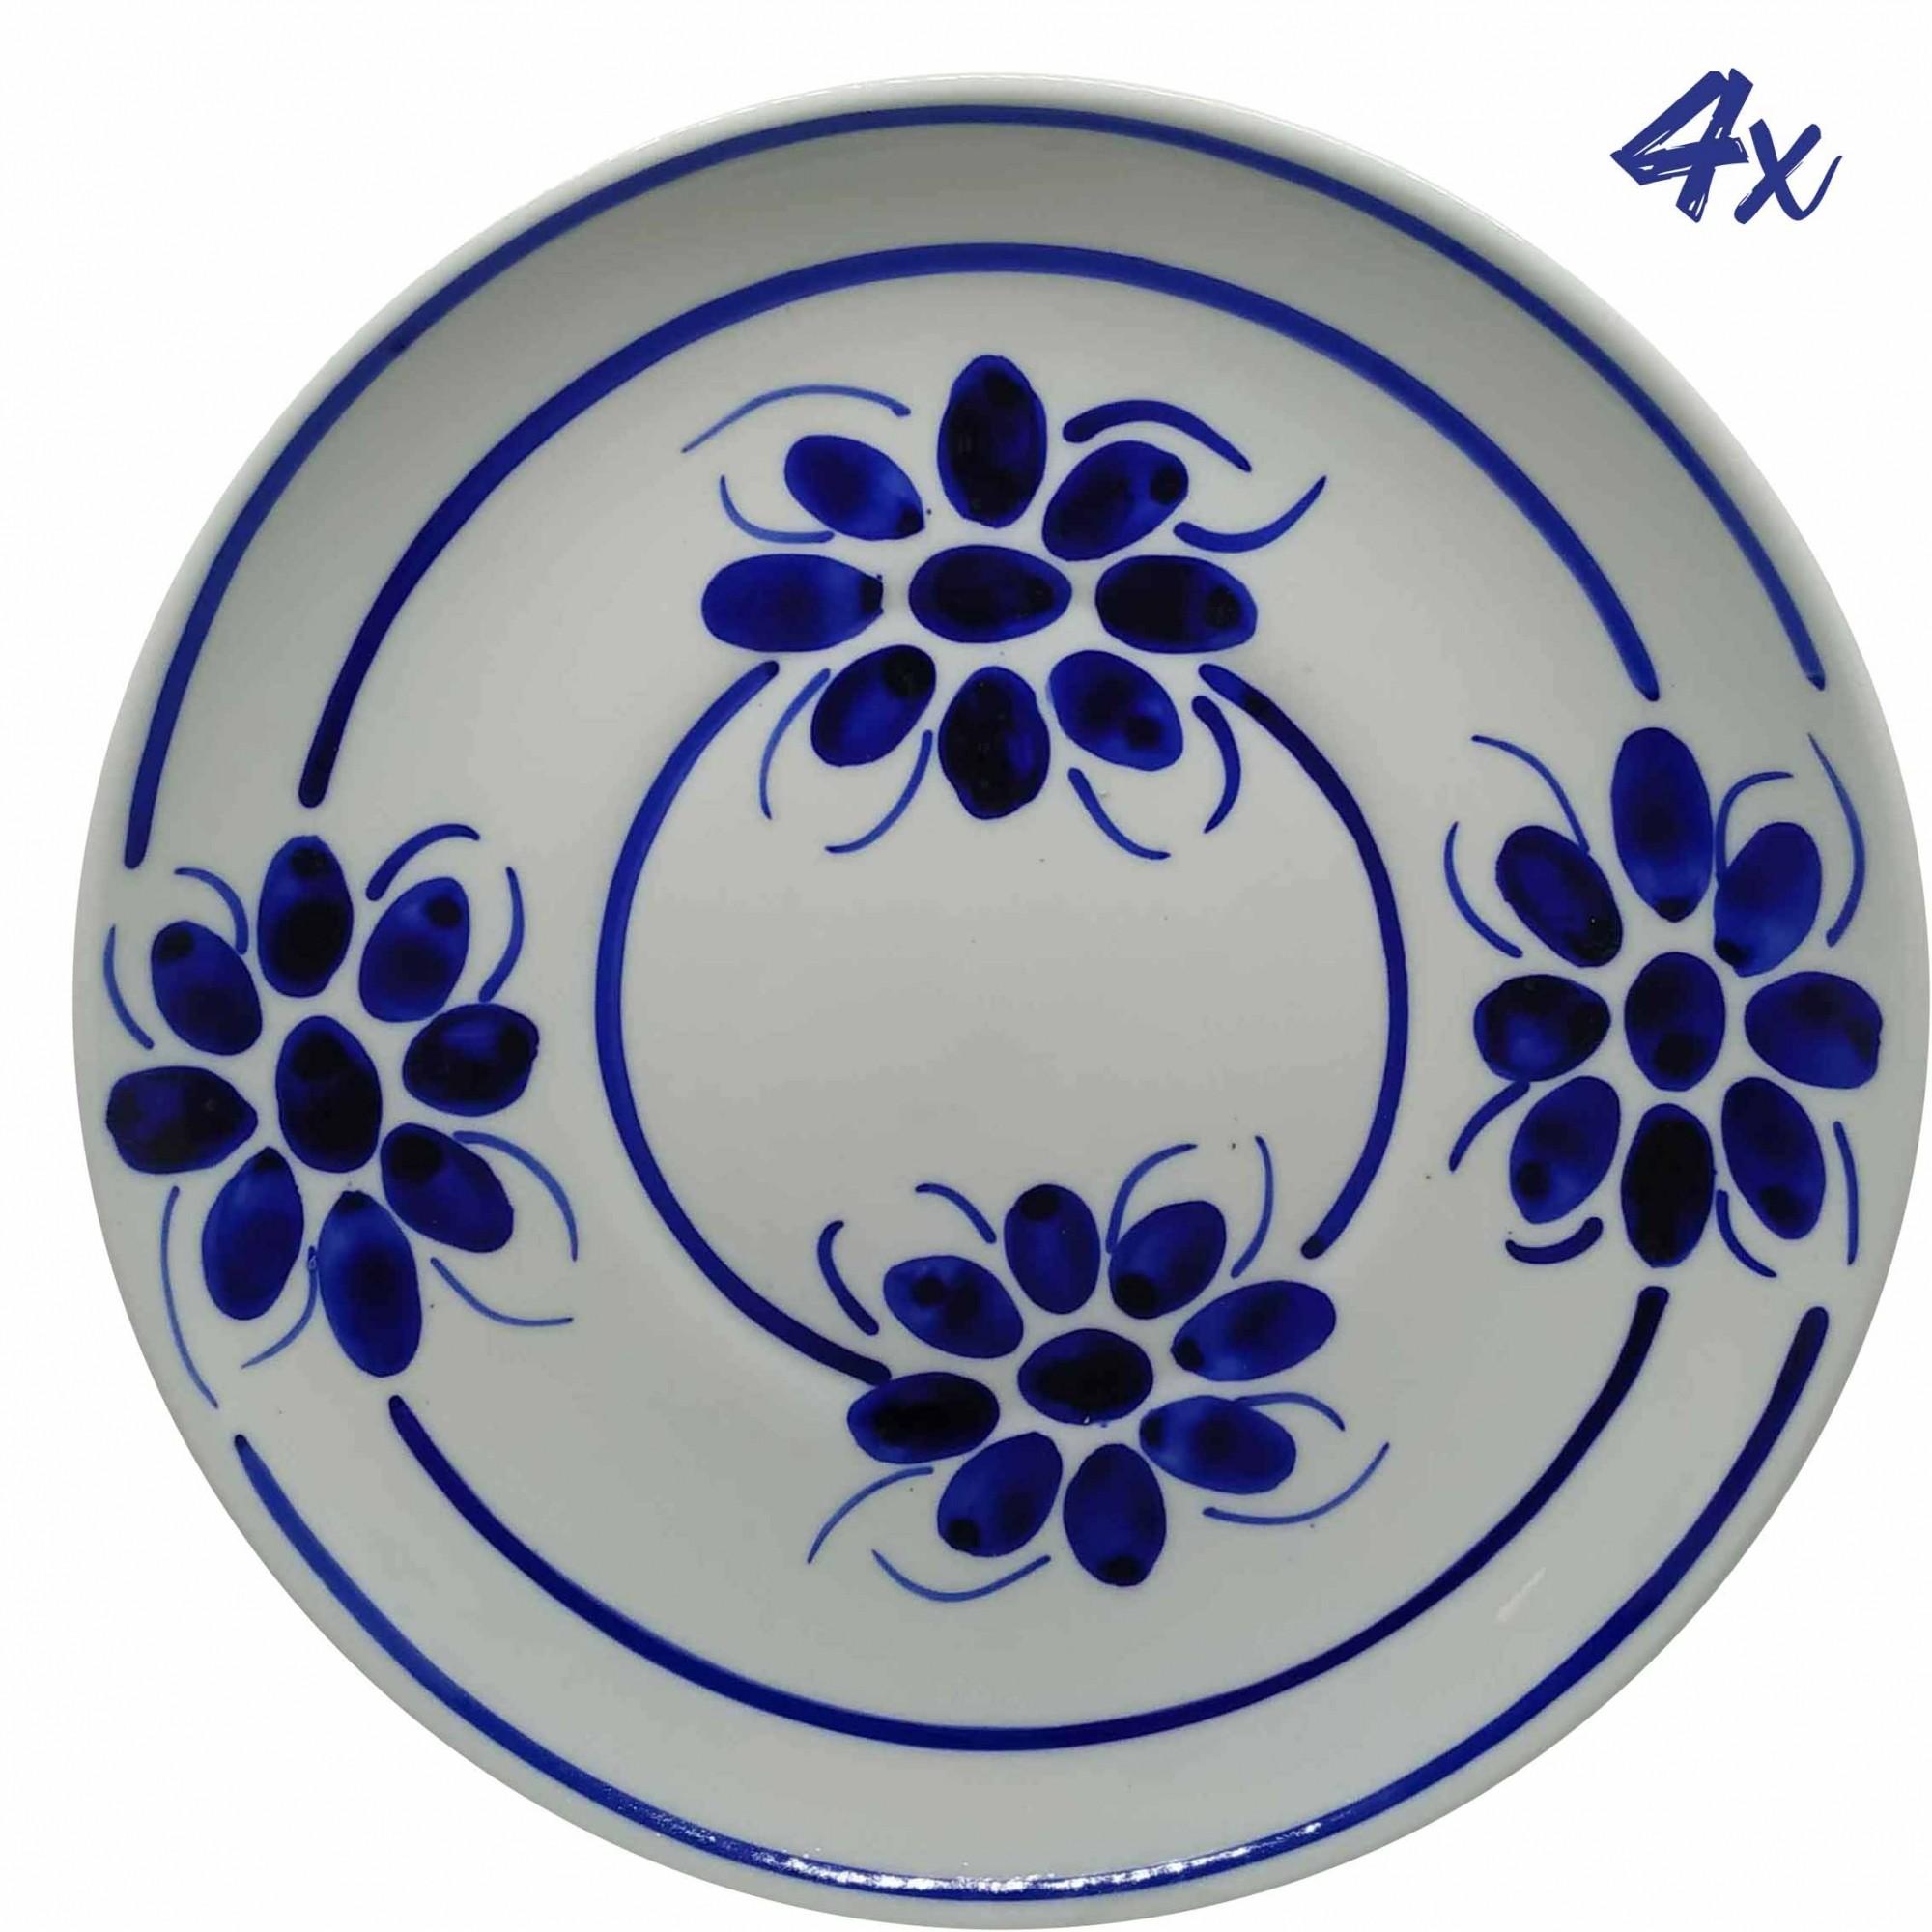 Jogo de 4 Pratos Rasos 26,5 cm Porcelana Azul Floral